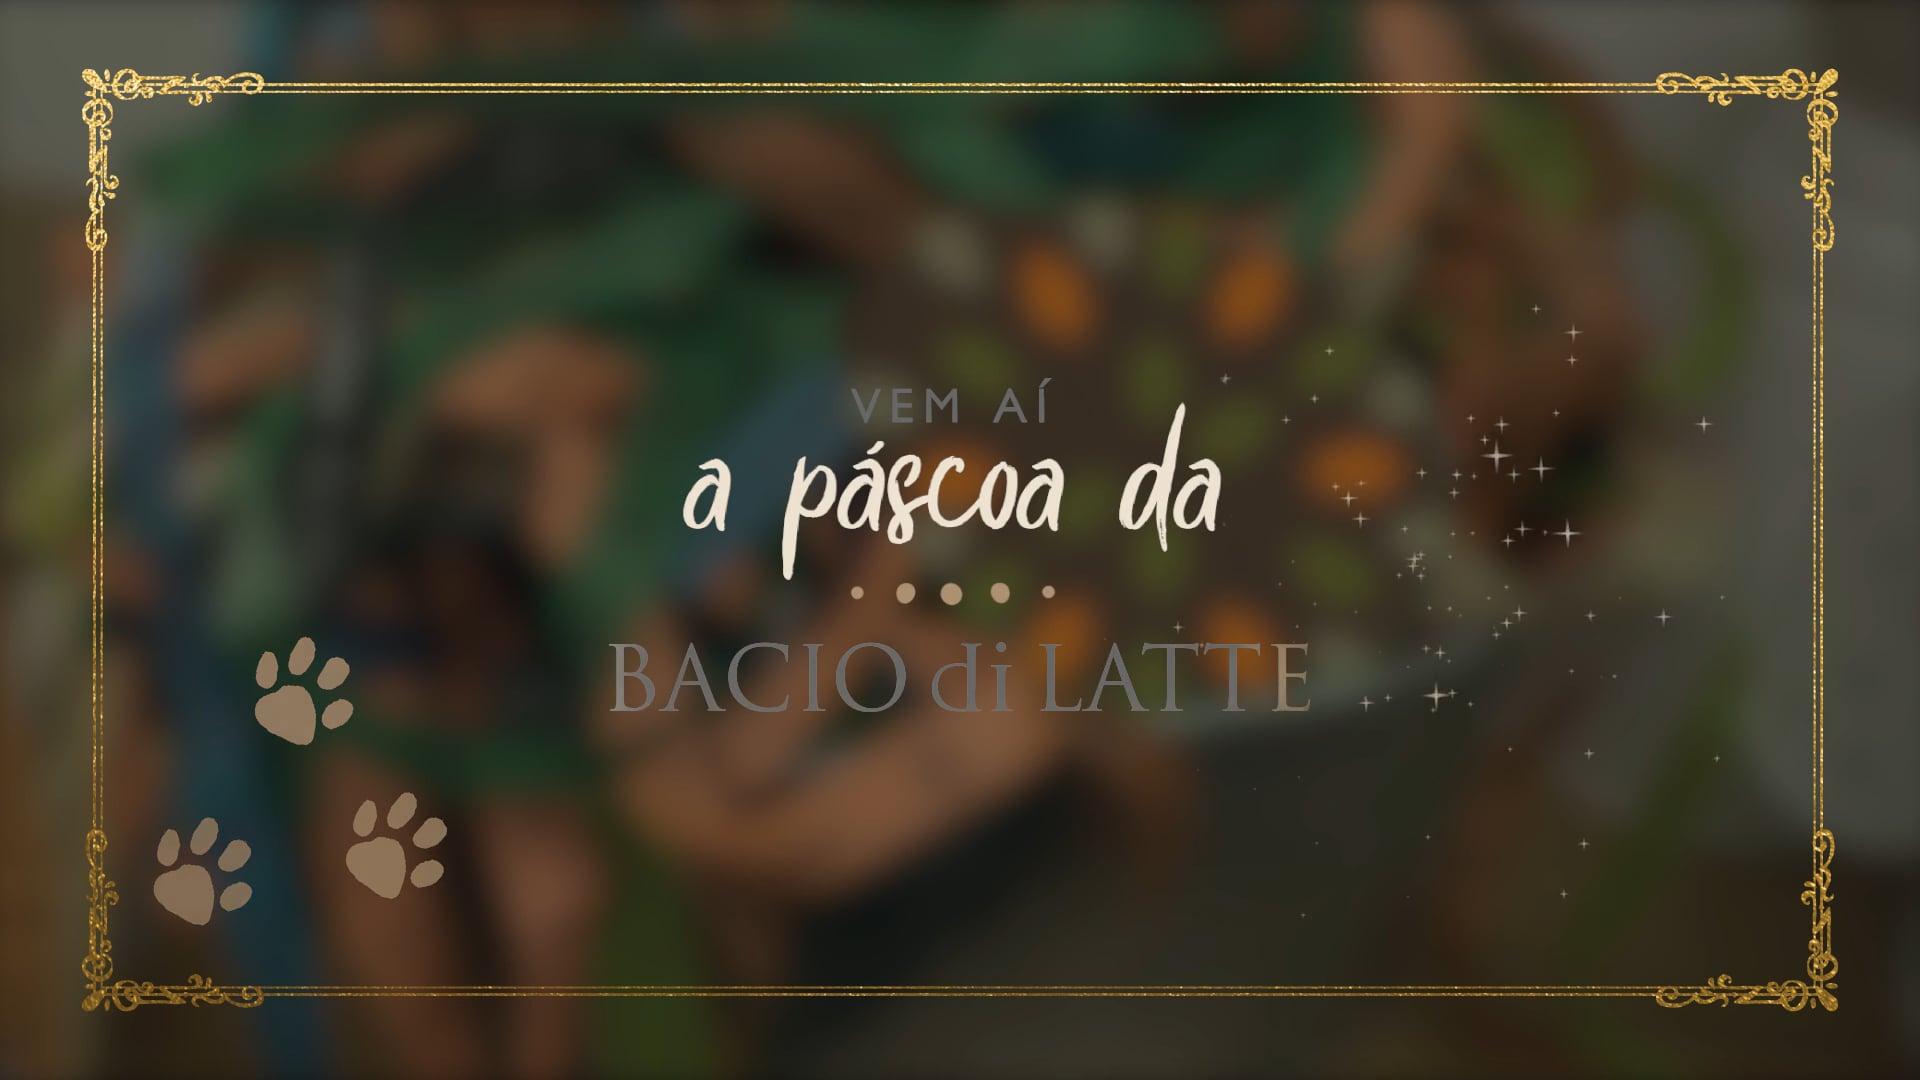 Páscoa | Bacio di Latte